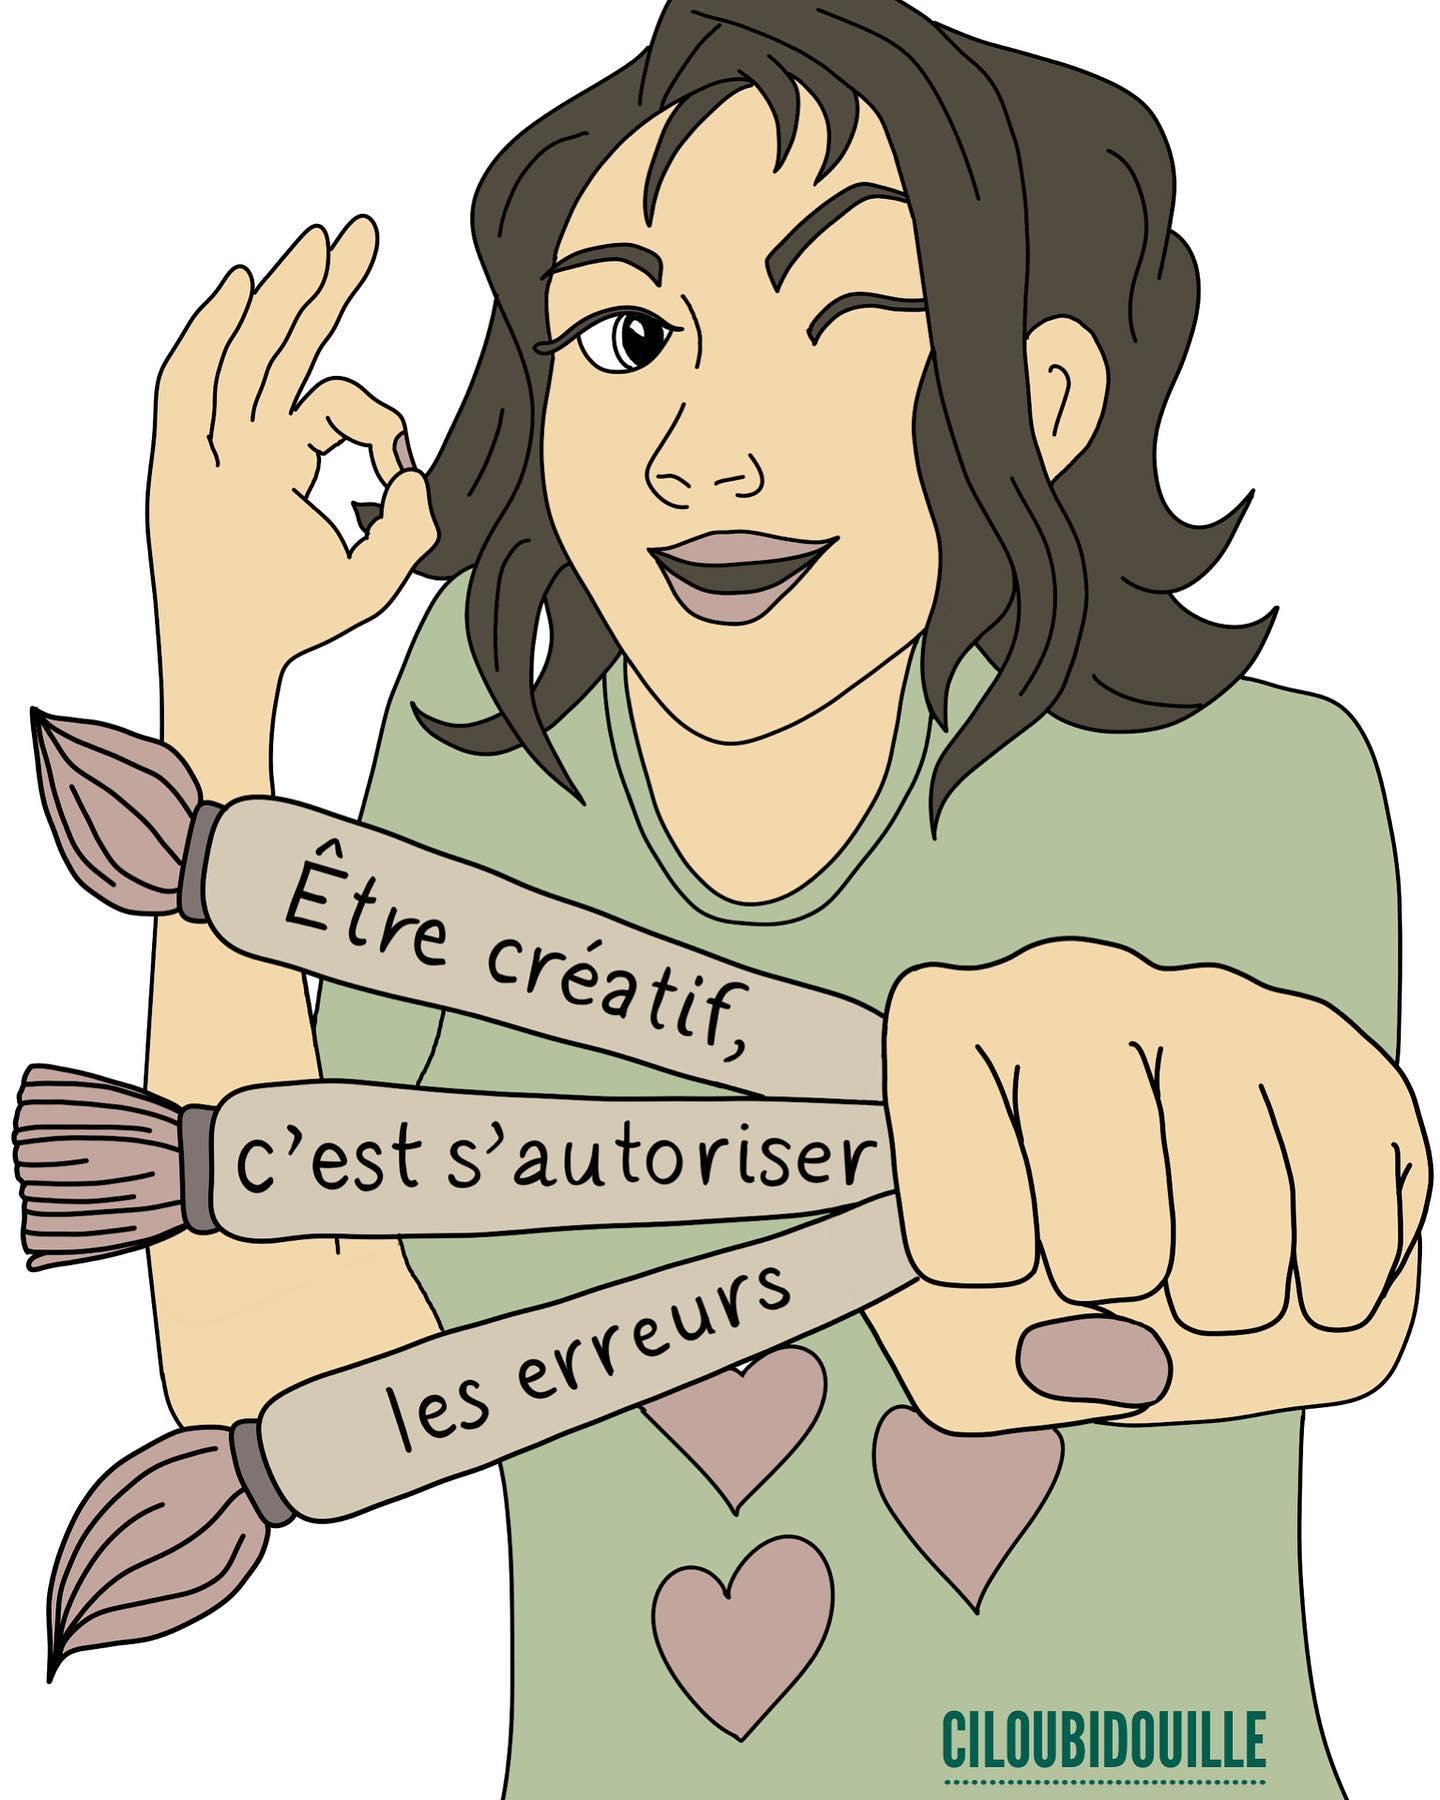 Être créatif, c'est s'autoriser les erreurs - Ciloubidouille